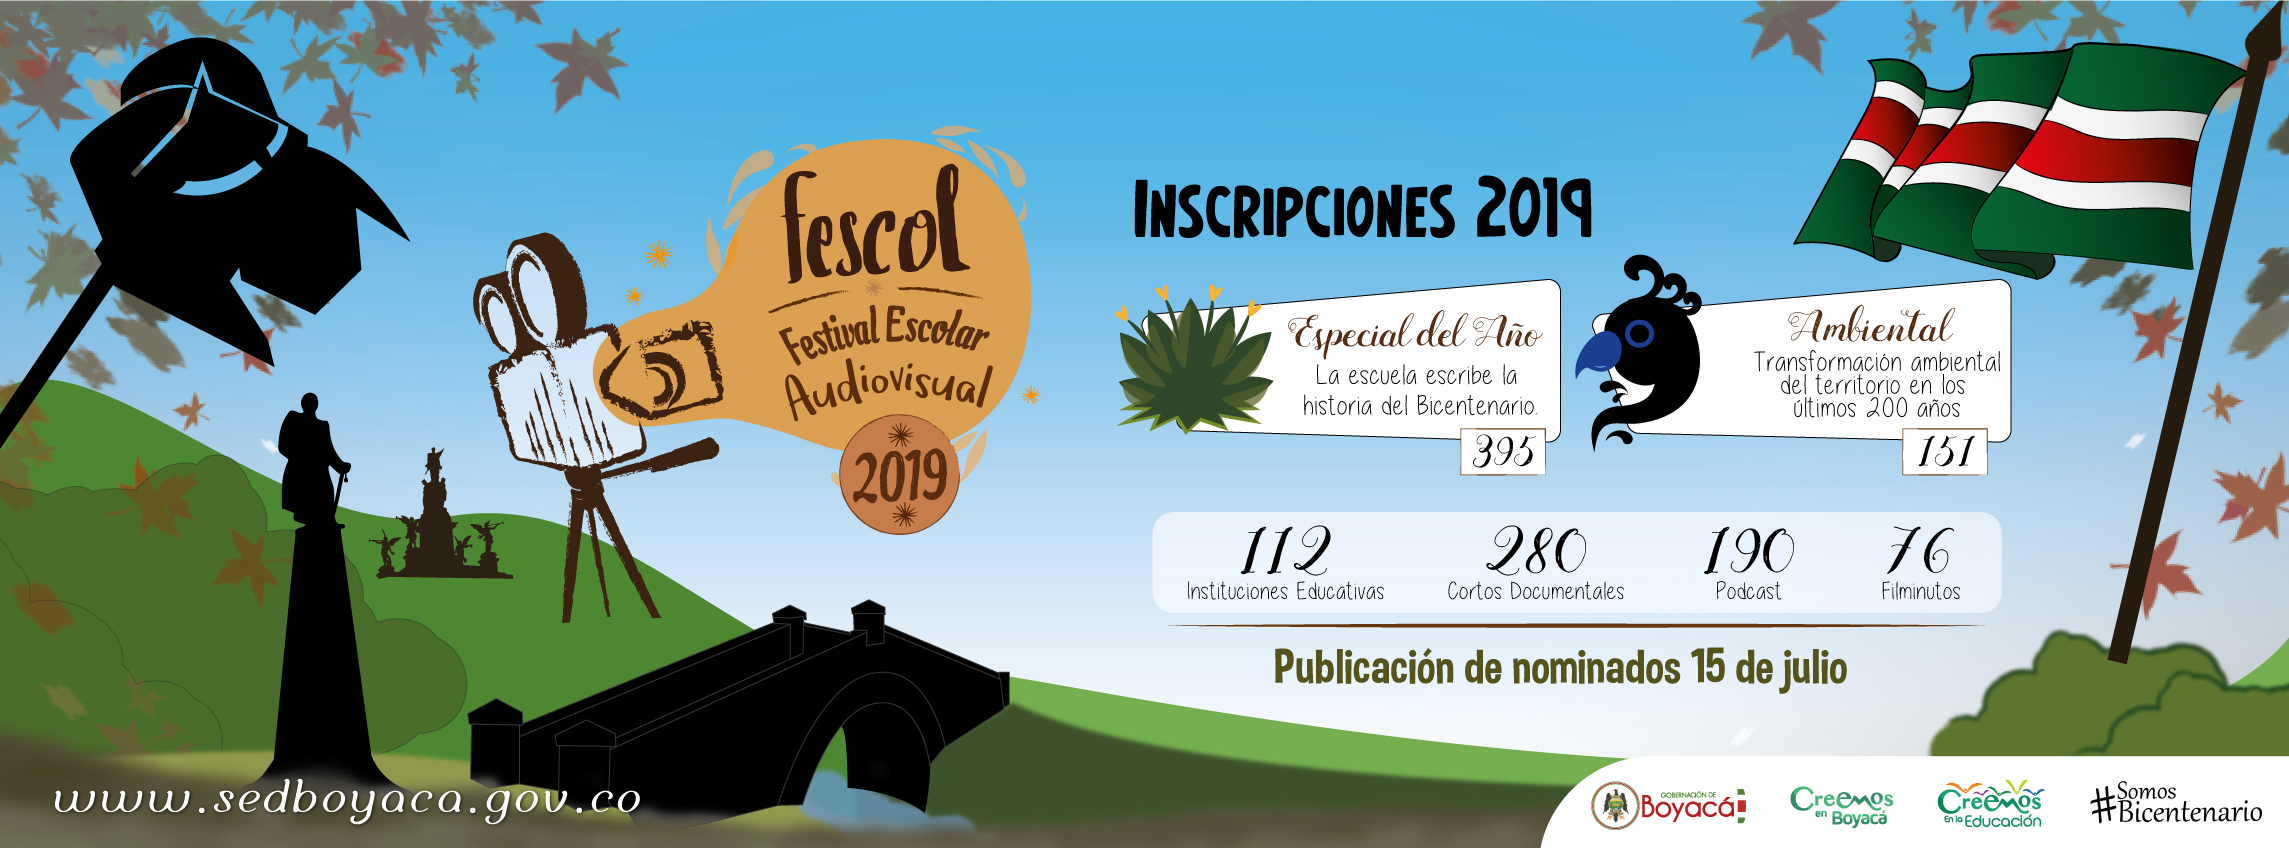 imagen-fescol-2019